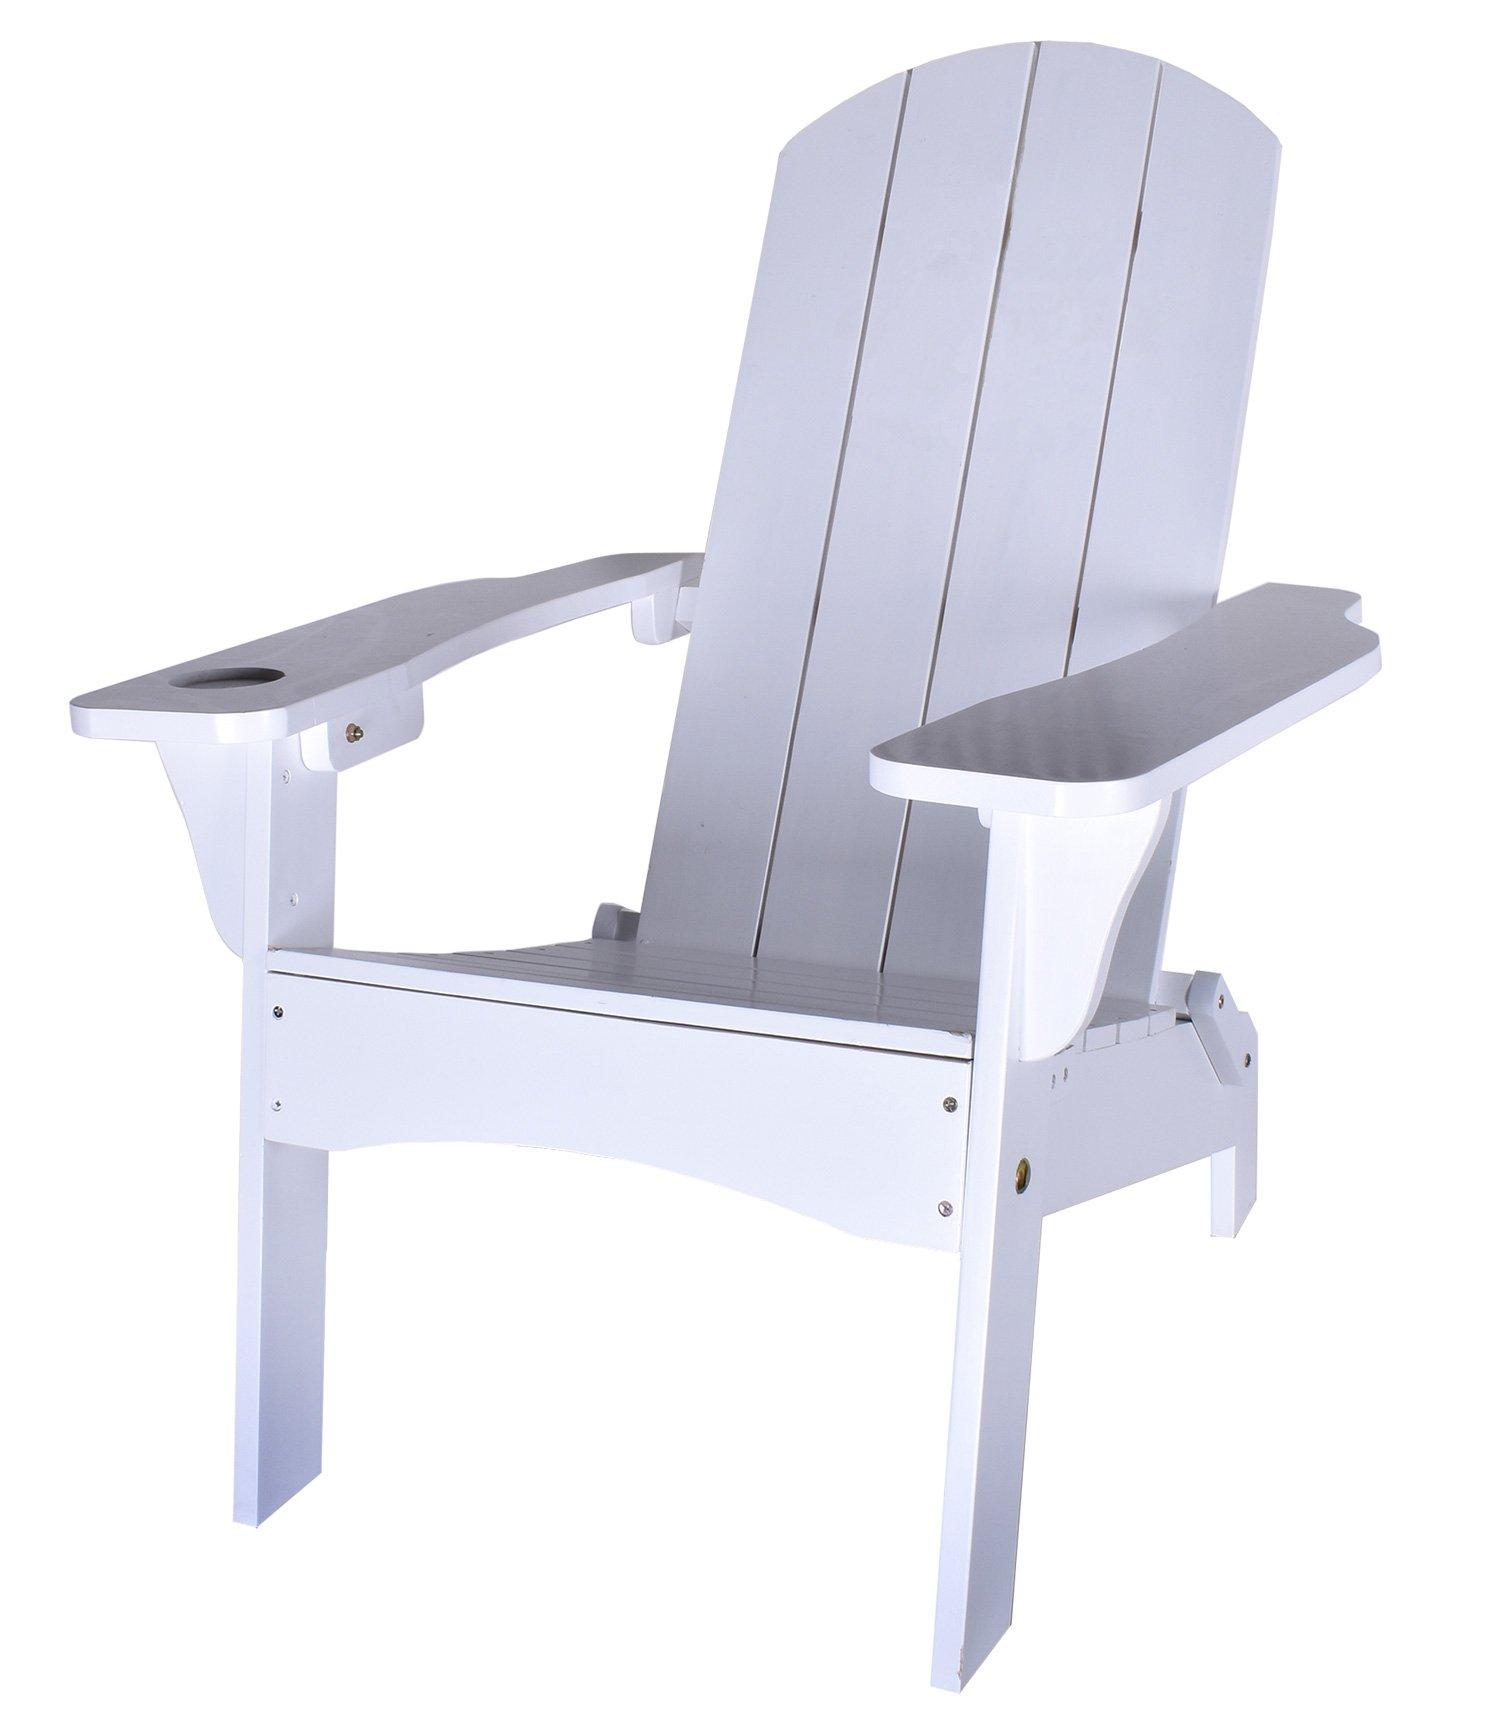 Style# AND001 U2013 Adirondack Chairs